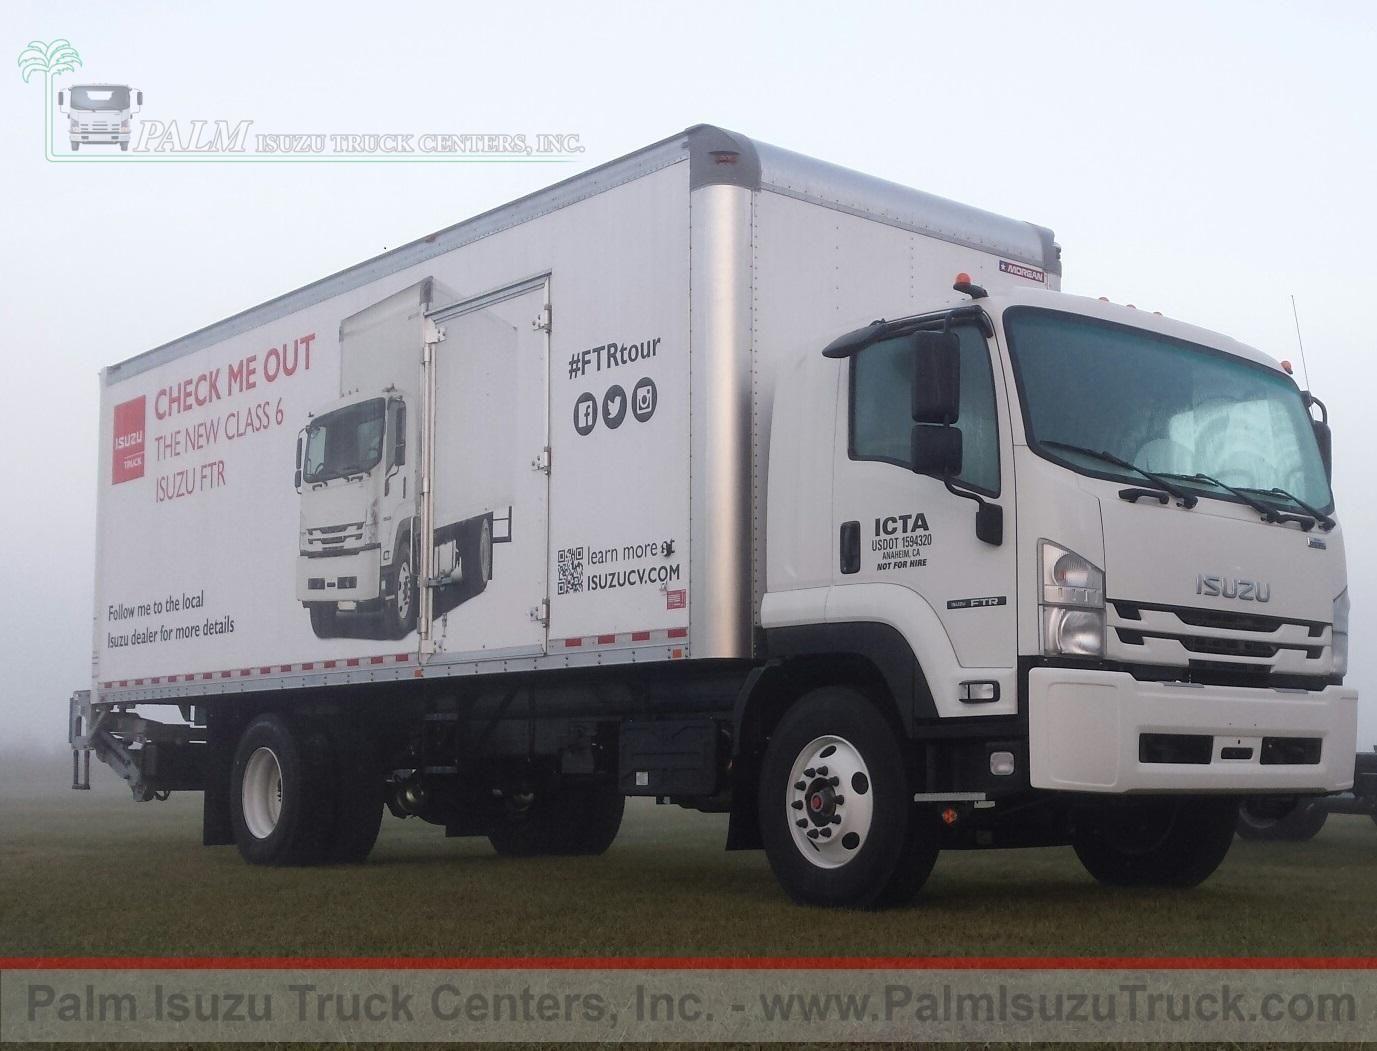 2018 Isuzu Ftr Diesel Box Truck Straight Truck Http Www Palmisuzutruck Com Inventory 2017 Isuzu Ftr Diesel Truck 25 Trucks For Sale Trucks Diesel Trucks